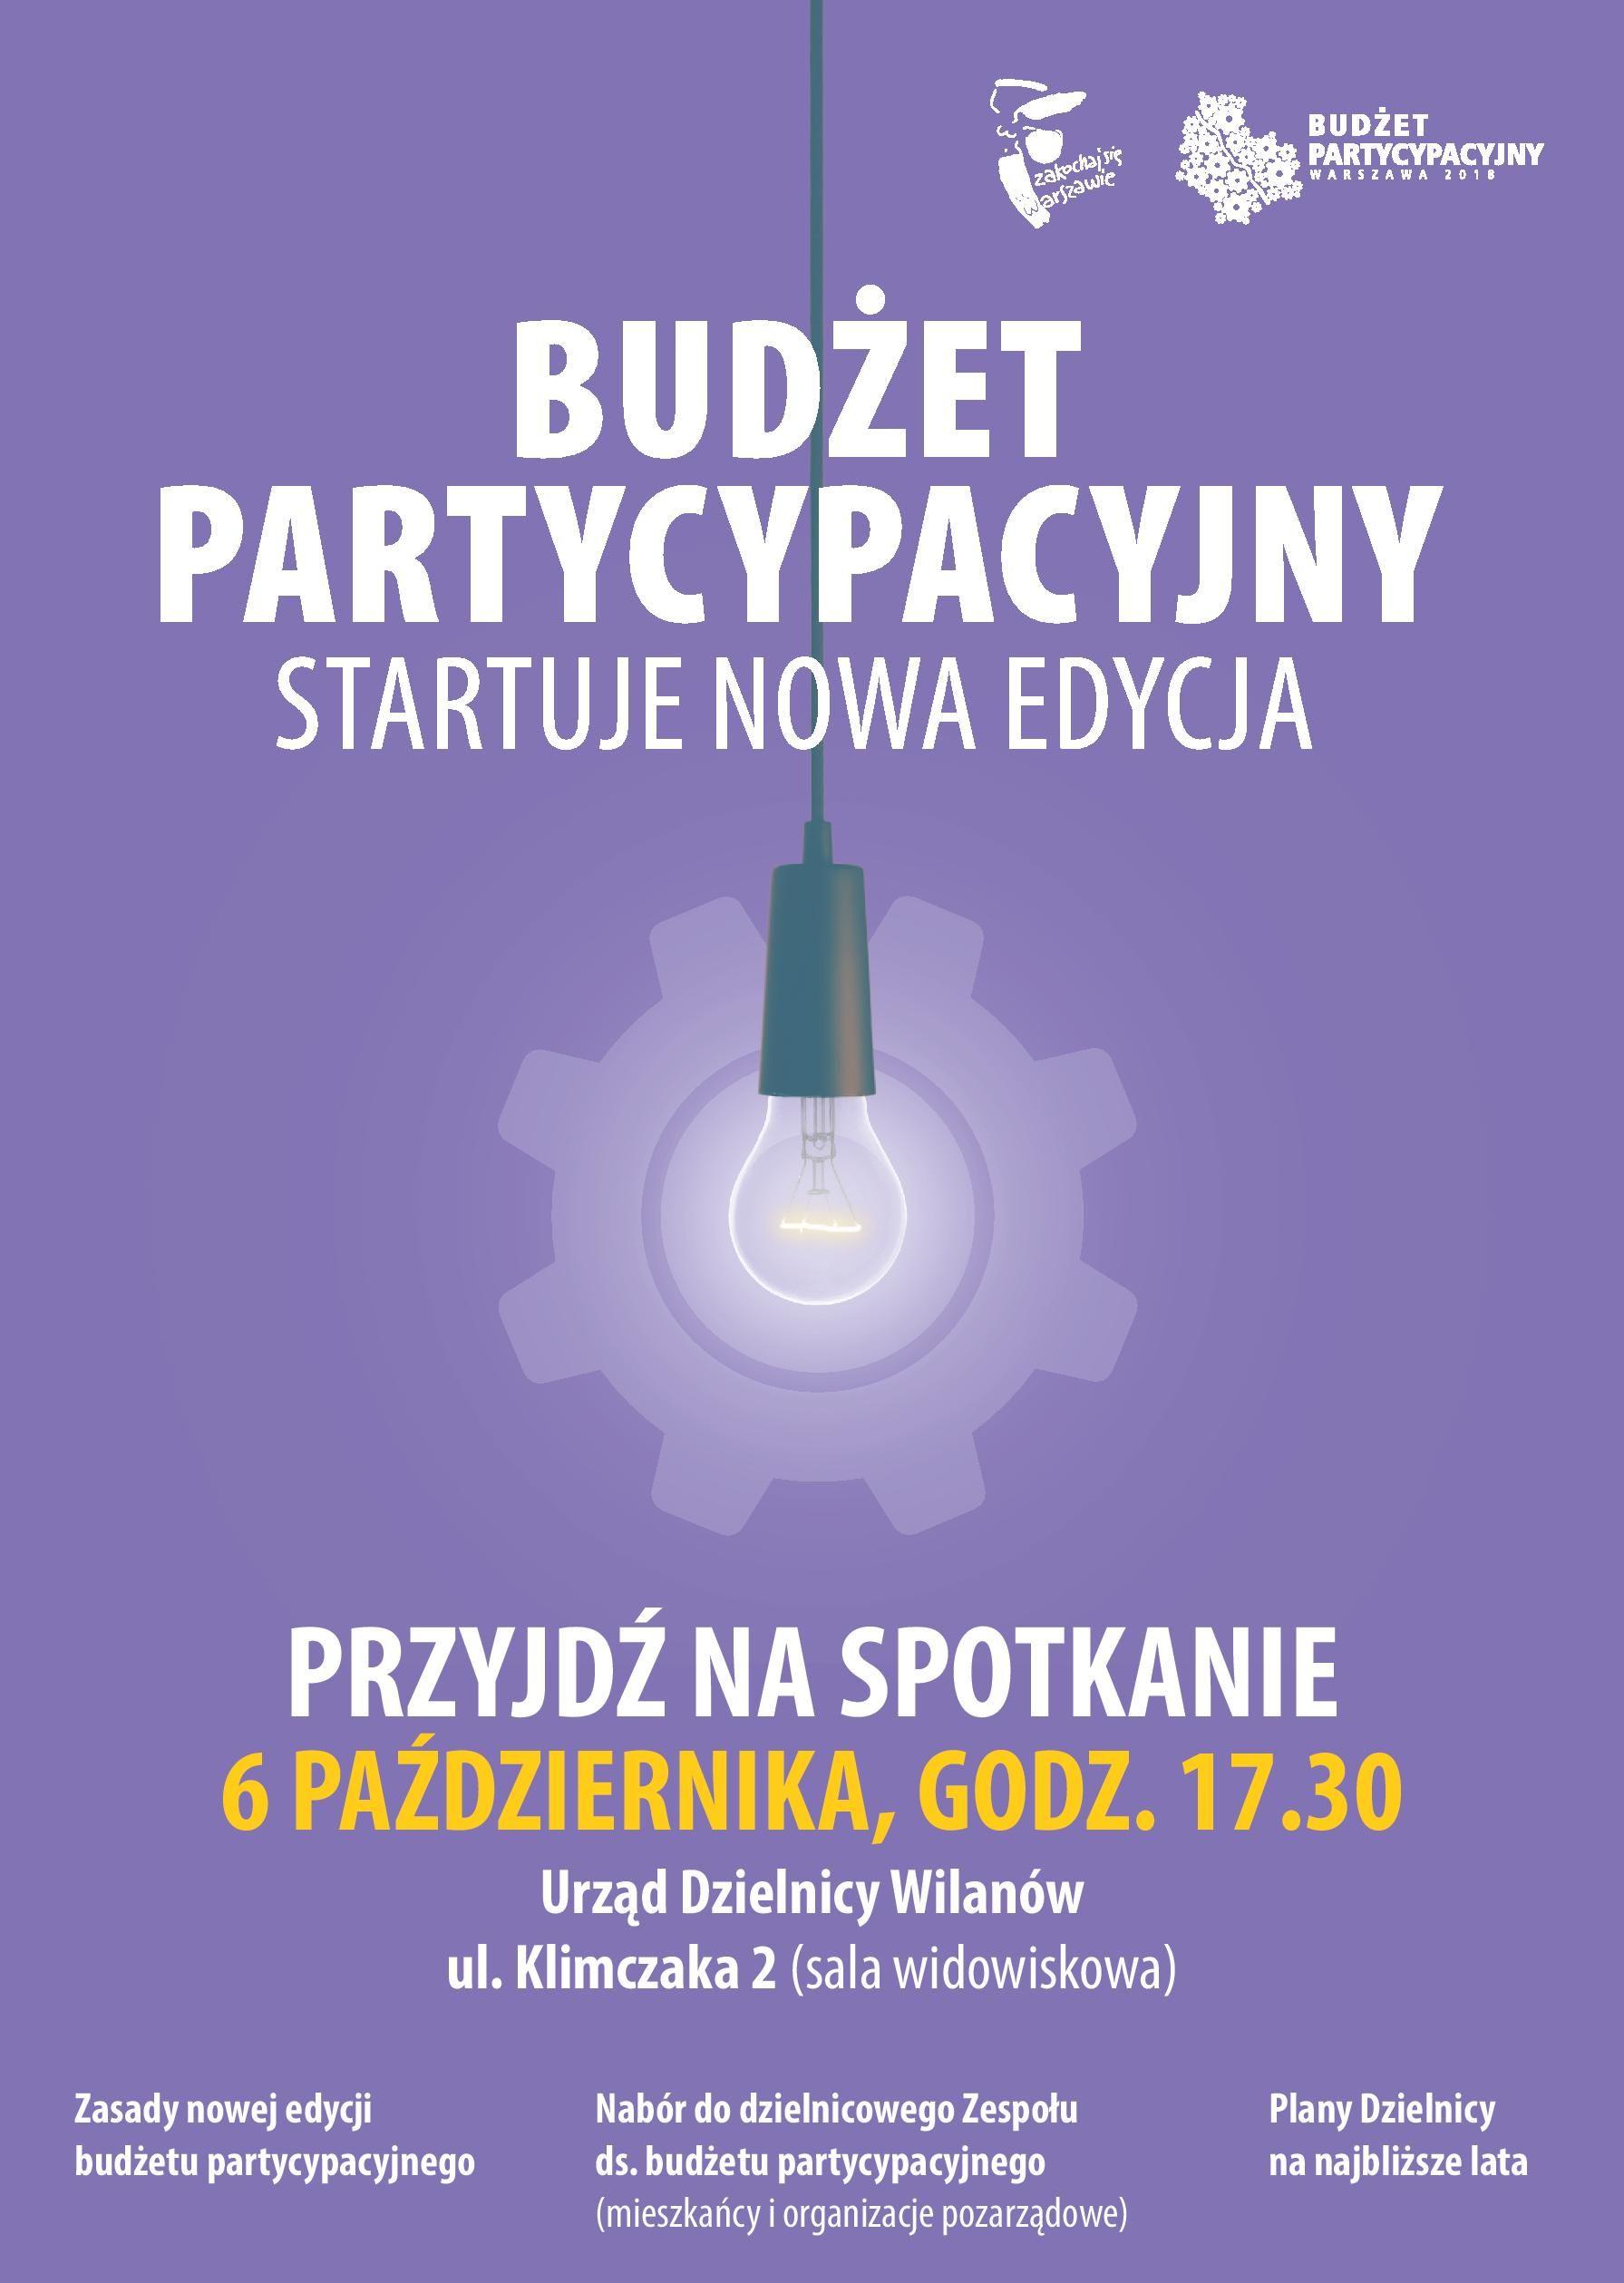 budzet_partycypacyjny_2016